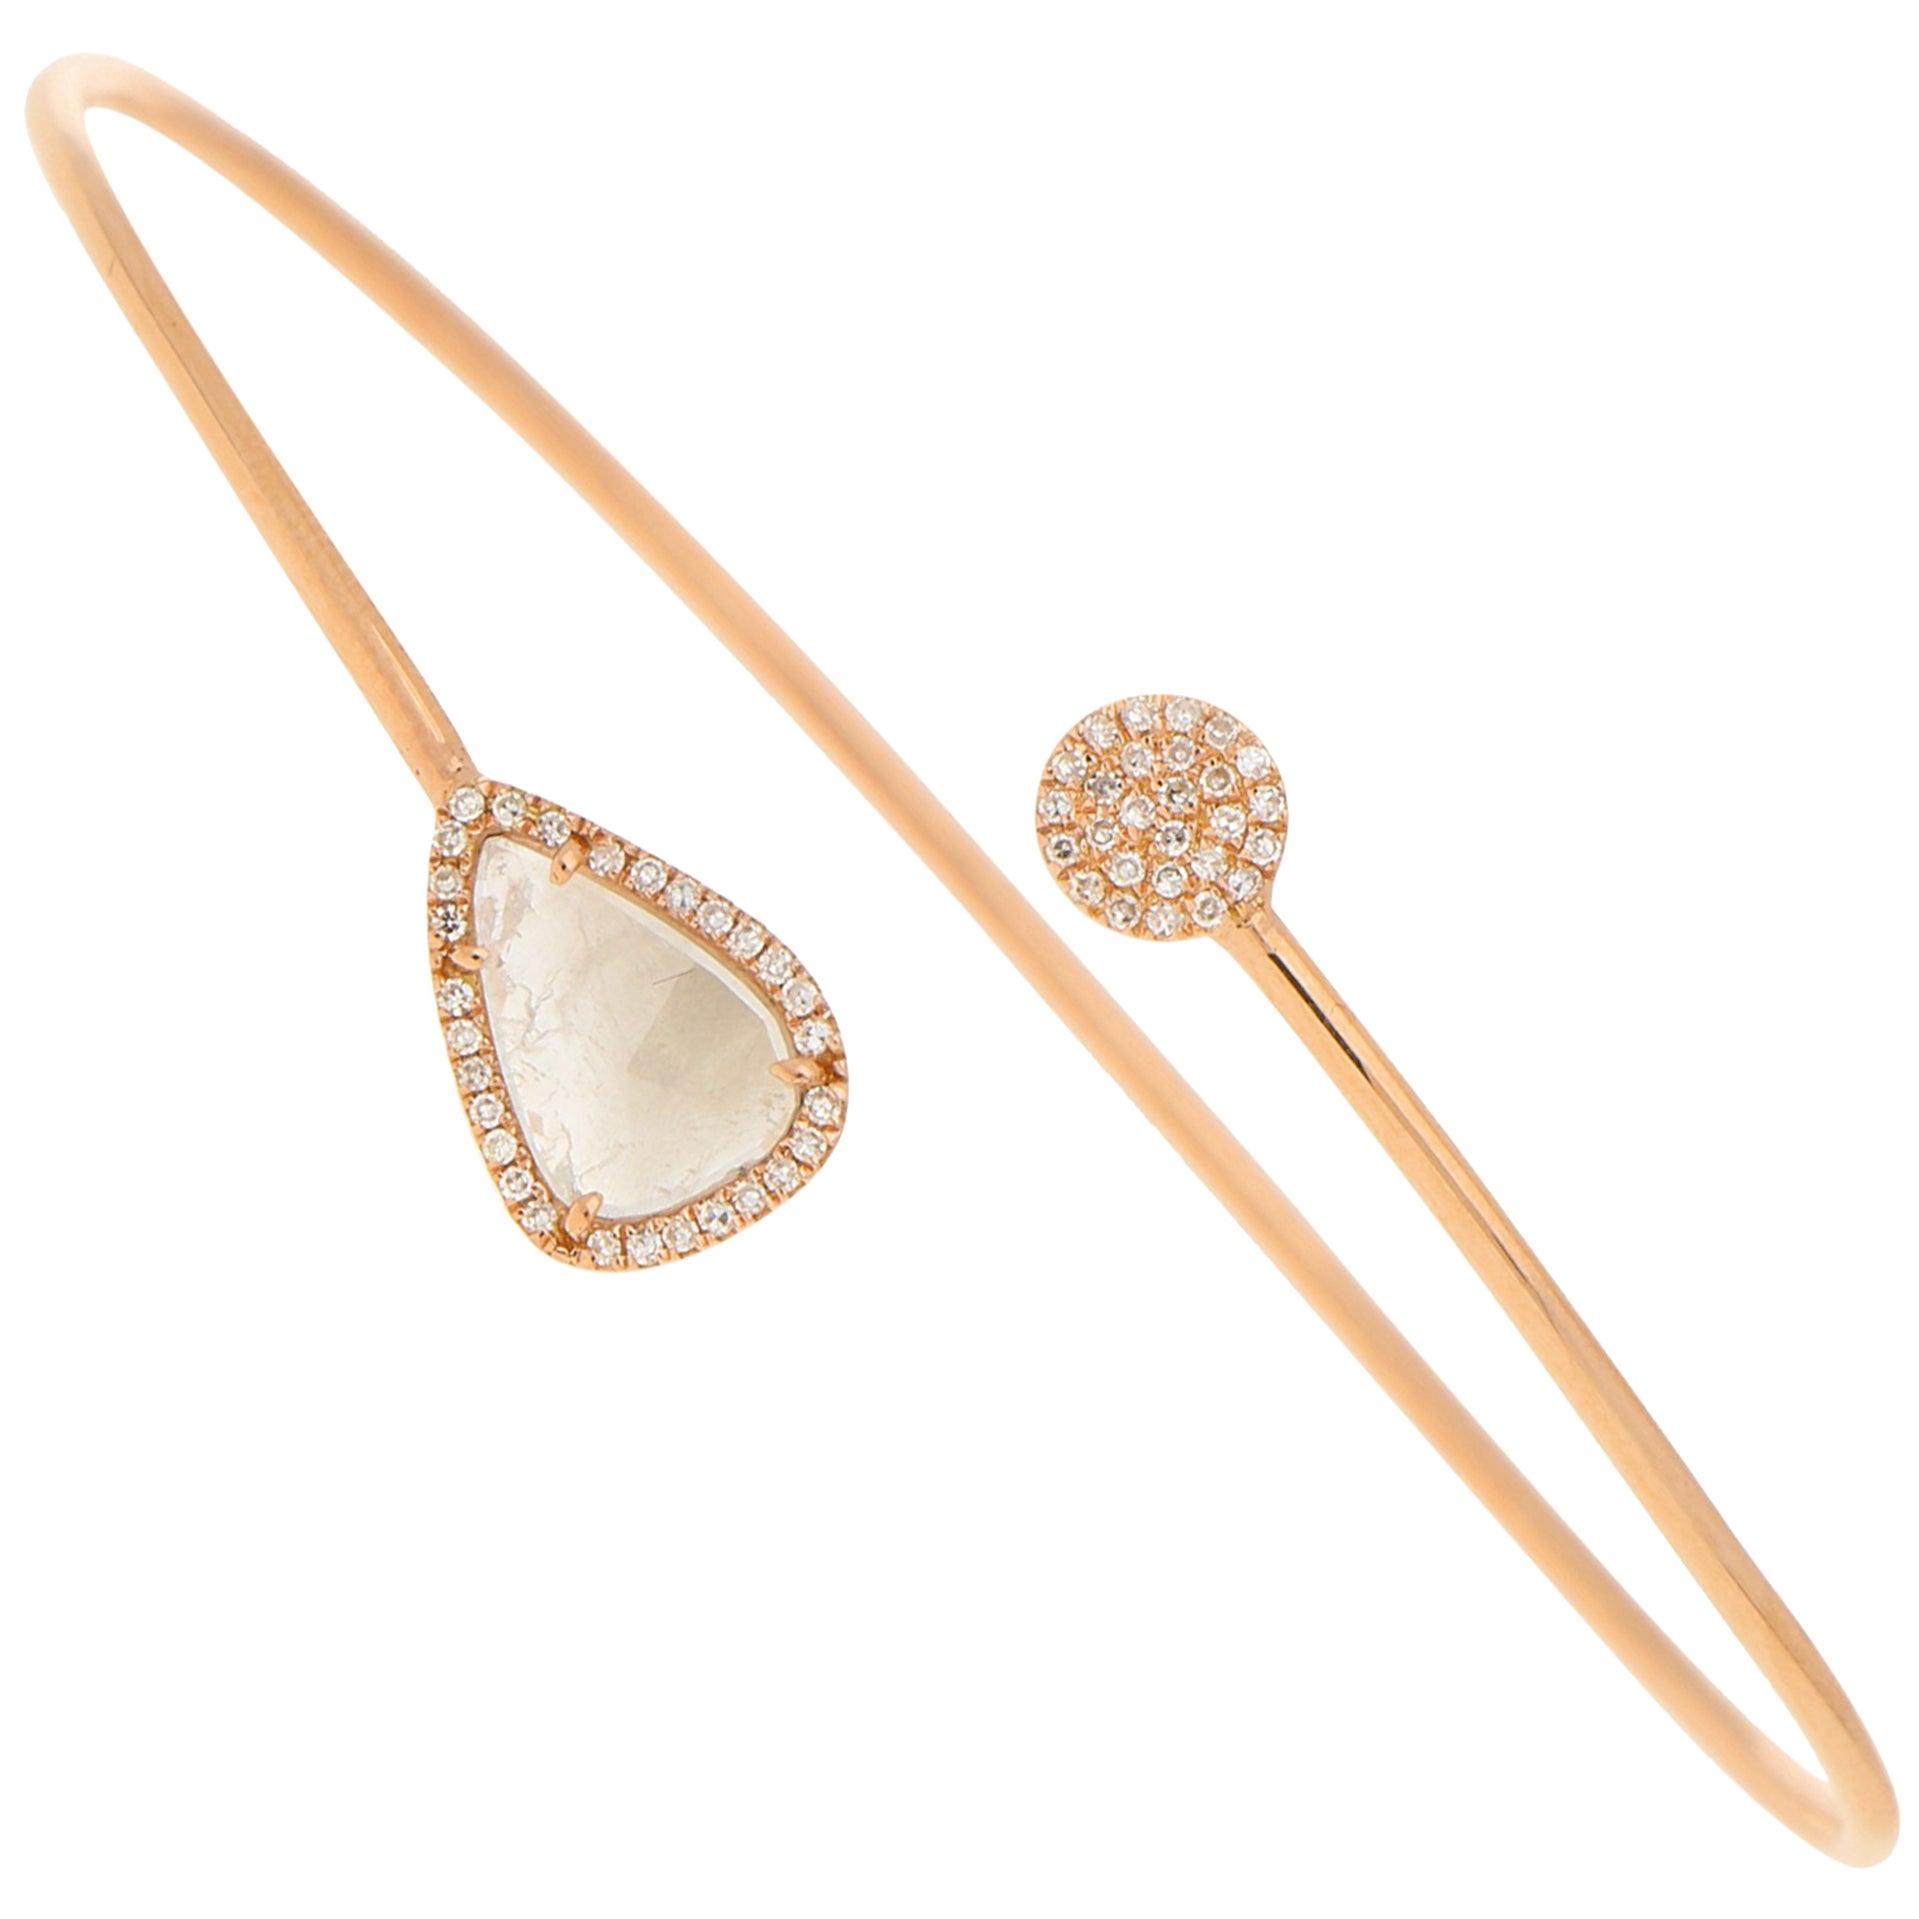 Rose-Cut Diamond Cuff Bracelet in 14 Karat Rose Gold 0.50ct